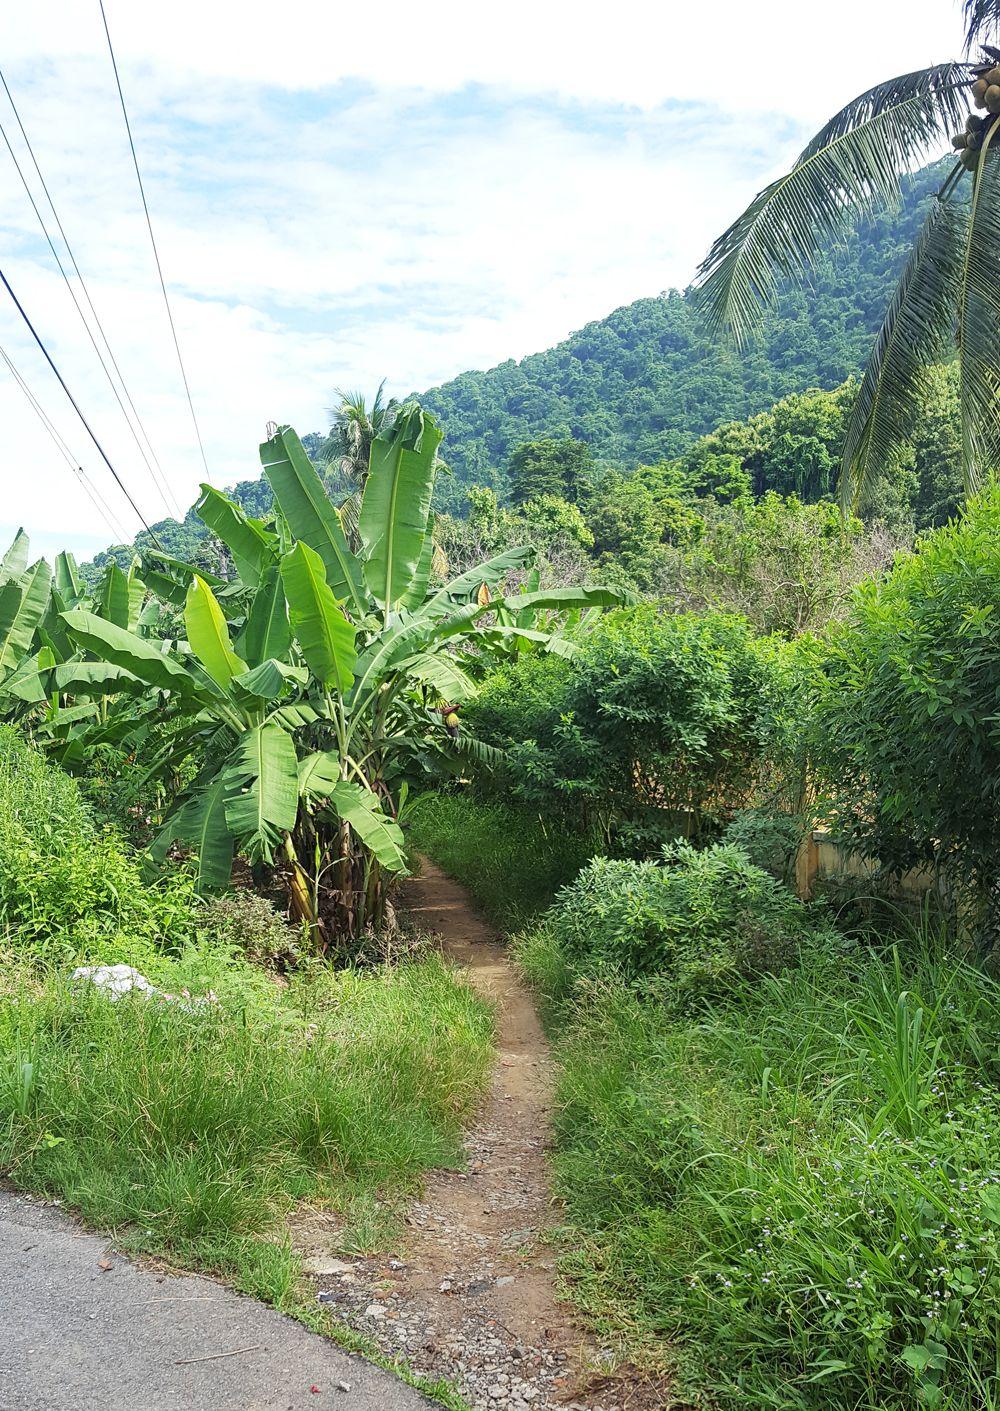 Con đường nhỏ đối diện nhà cô Năm dẫn lên núi Bà Đen